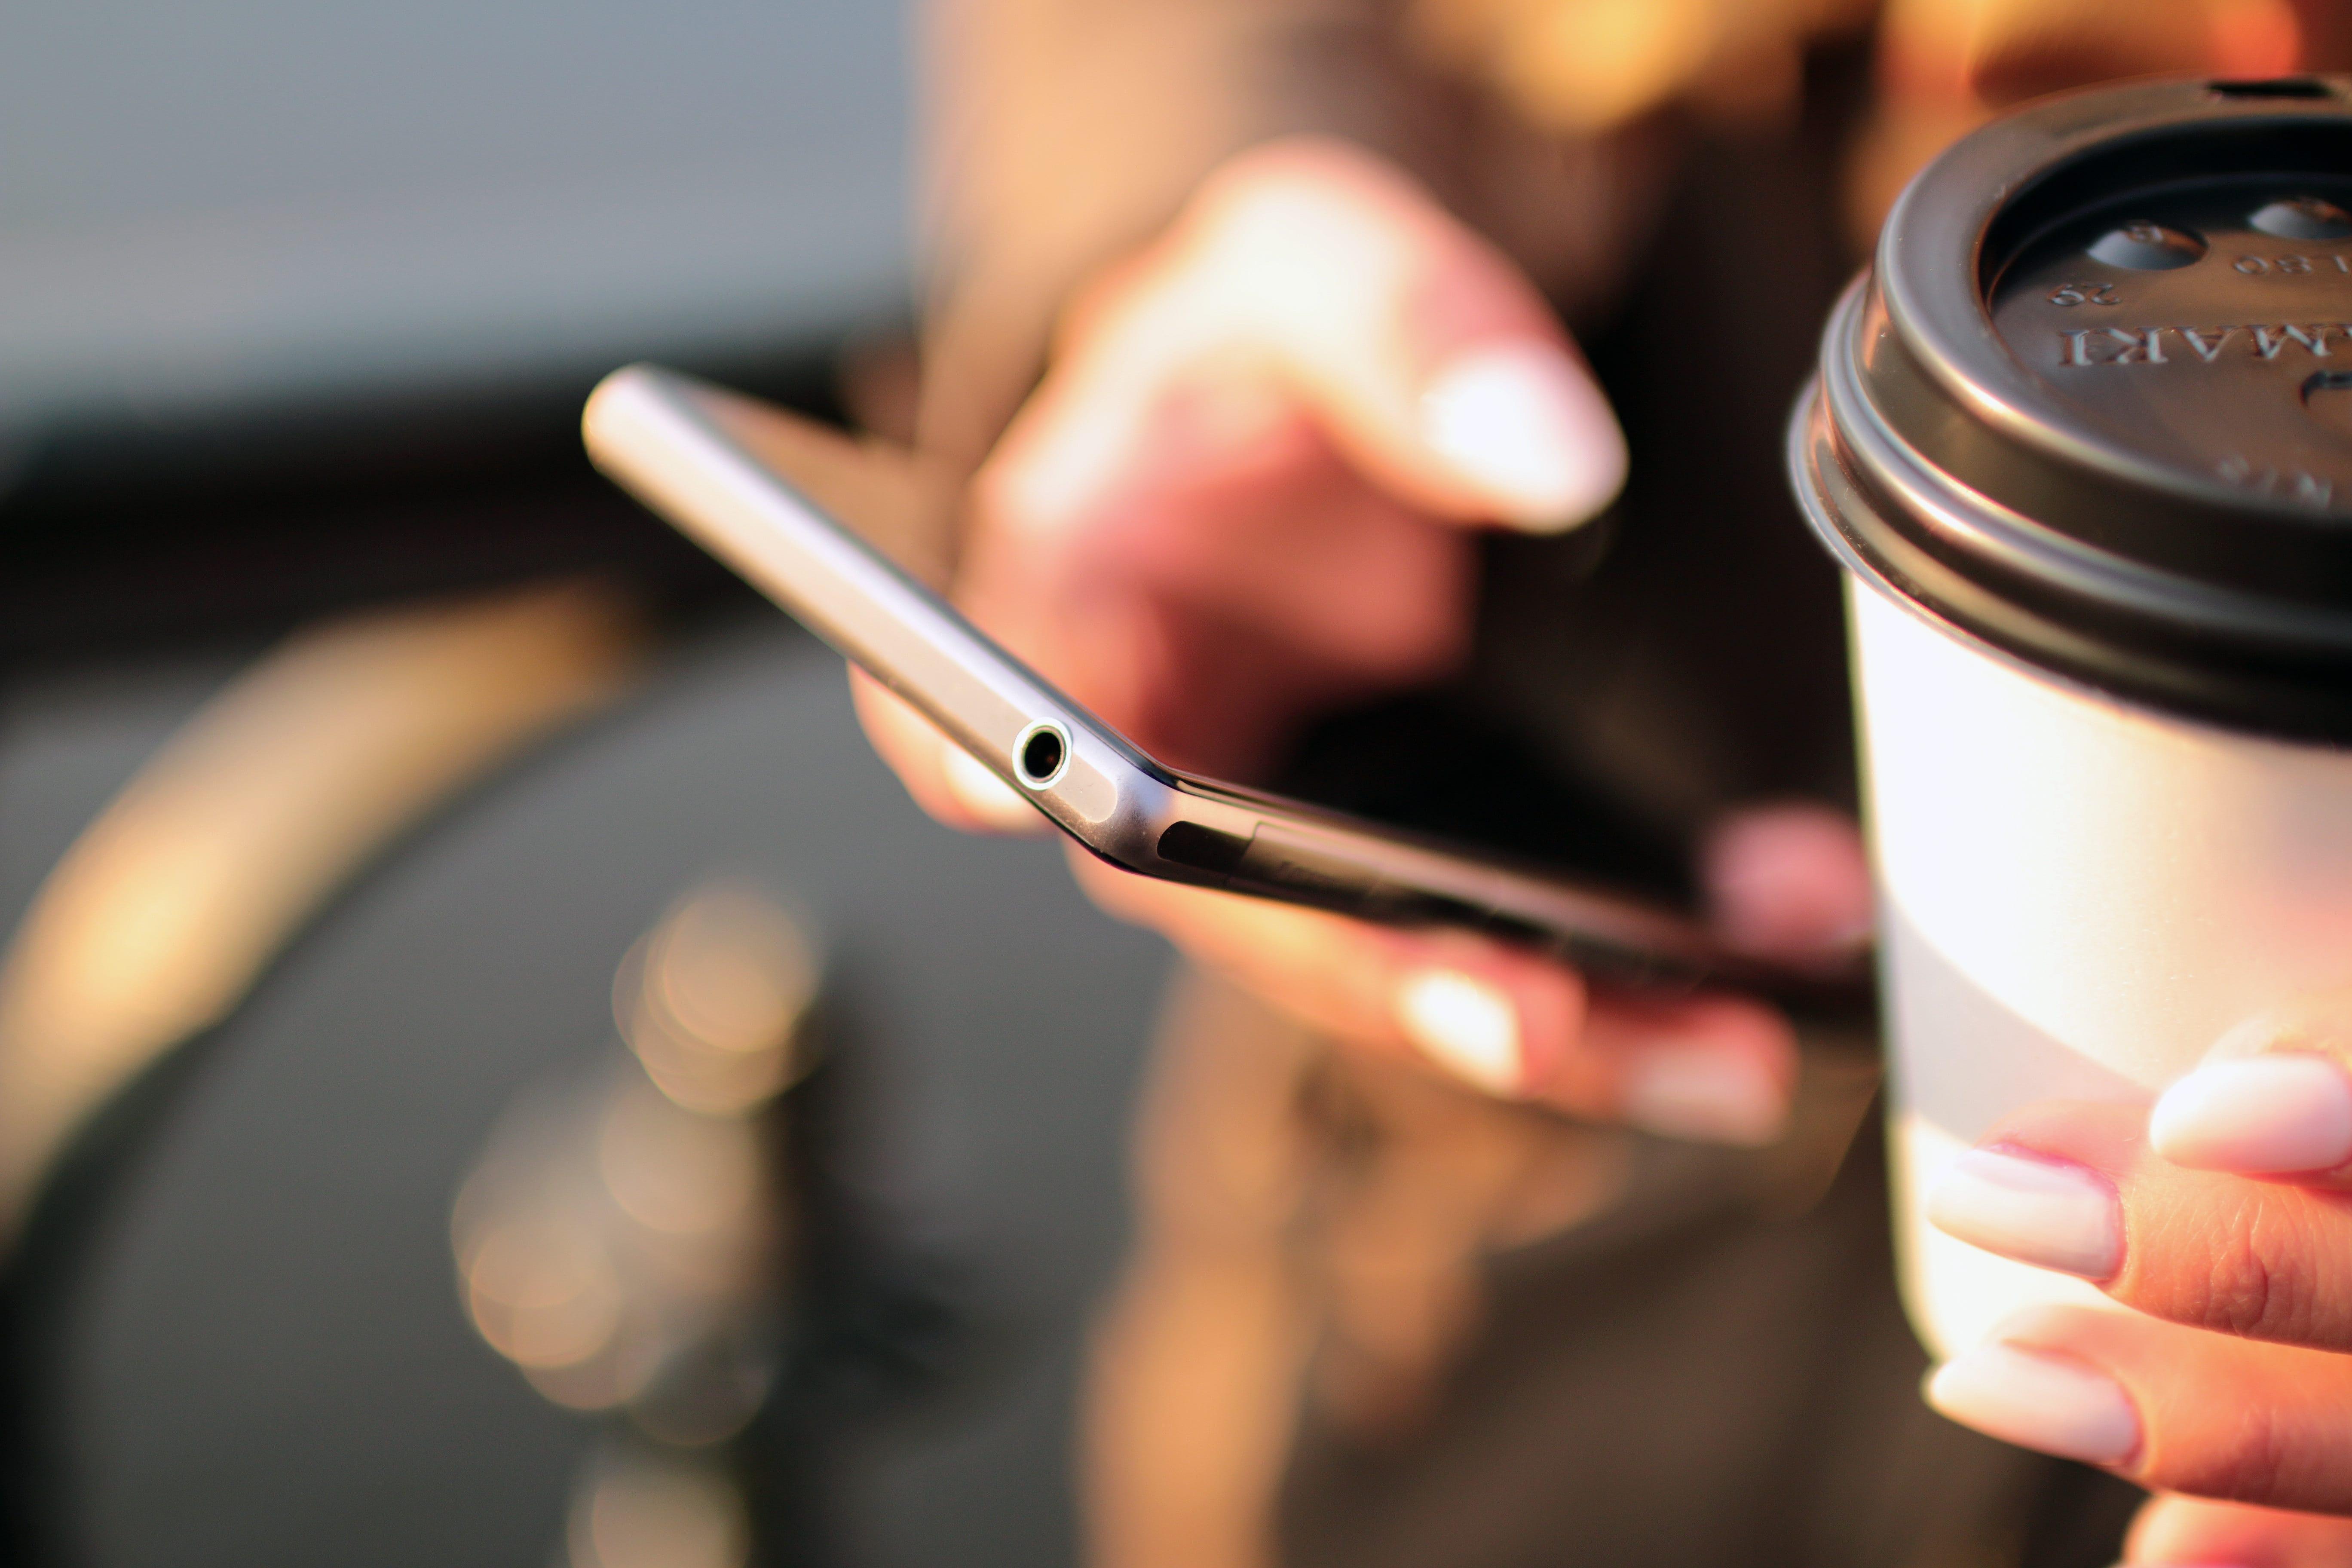 мобильные операторы польши, сотовой связи, поступить в Польшу, высшее образование в Польше, учеба в Польше, обучение в Польше, образовательный центр AMBASADOR